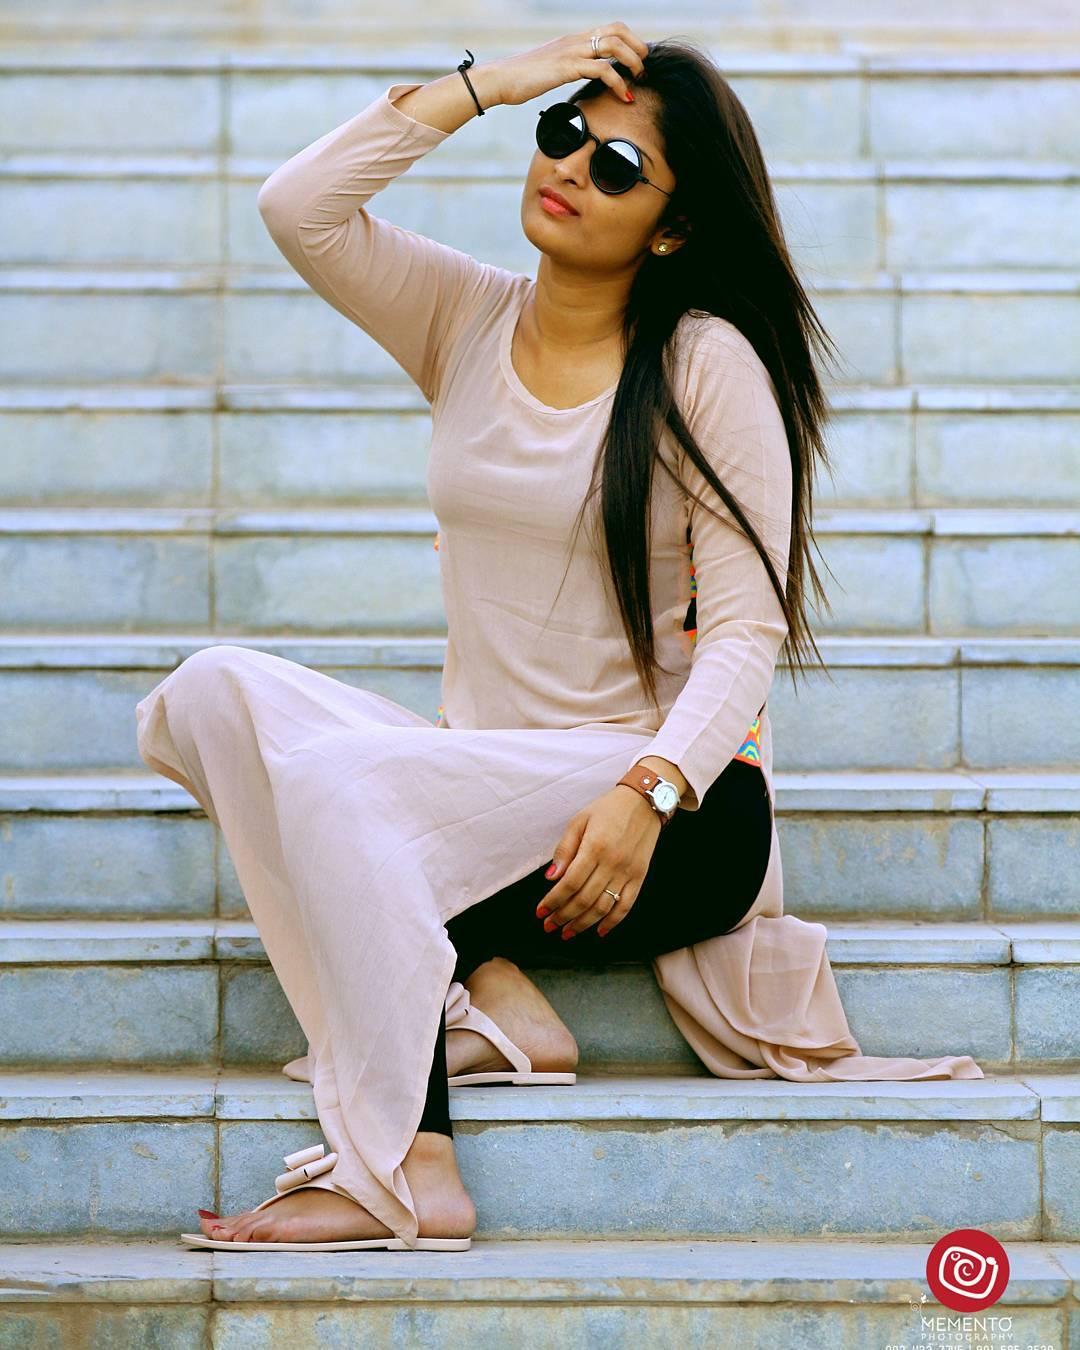 Outdoor Portfolio/catalog shoot / modeling portrait .  #portfolioshoot #womensportrait #catalogshoot #ahmedabadfashion #ahmedabadfashionblogger  #ahmedabadfashionpalette #printshoot #womensportraiture #beautifulwomen #girlsportrait #photoholic #portfolioshoot  #folioshoot  #girlsfashions  #portraitphotography #portrait #fashionphotography #FashionShoot #ahmedabad #photography #picoftheday #indianfashionblogger #fashionblogger #modelpose #modelphotography #AhmedabadPhotography #shootout_ahmedabad  #ahmedabaddiaries #ahmedabadshoutout #MementoPhotographyI